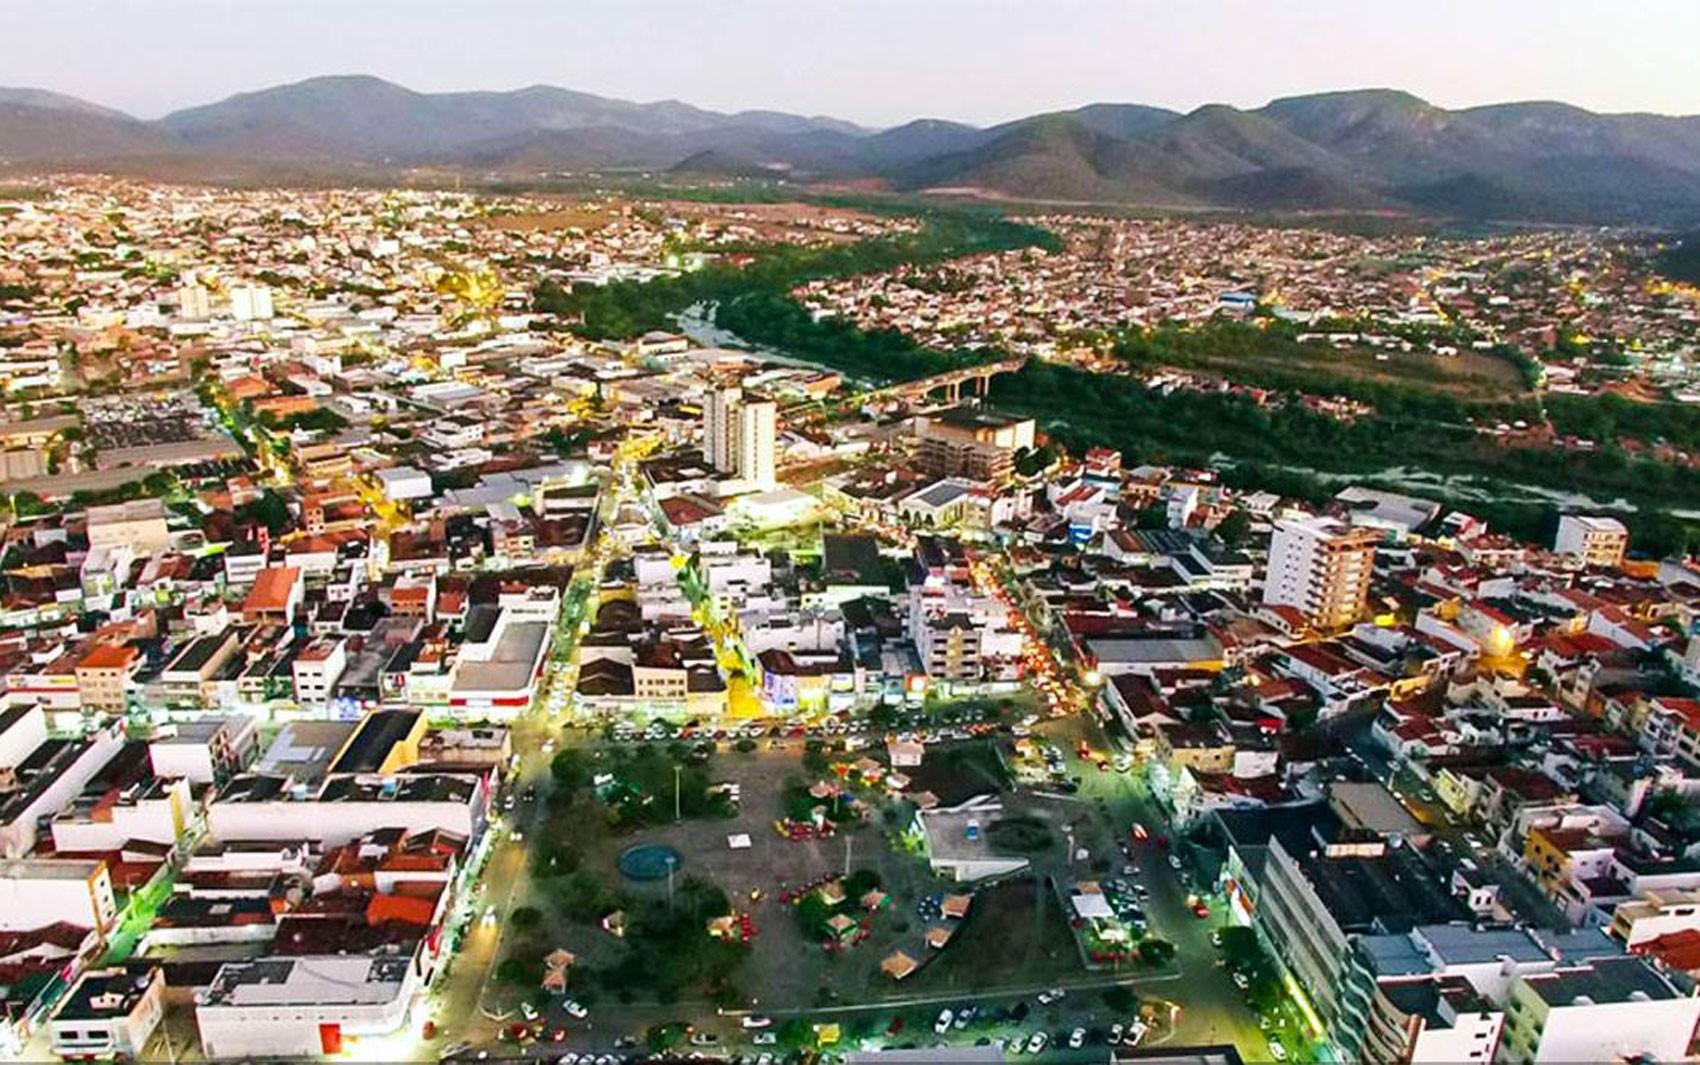 Com toque de recolher, prefeitura de Jequié flexibiliza comércio na cidade; templos e salões poderão funcionar